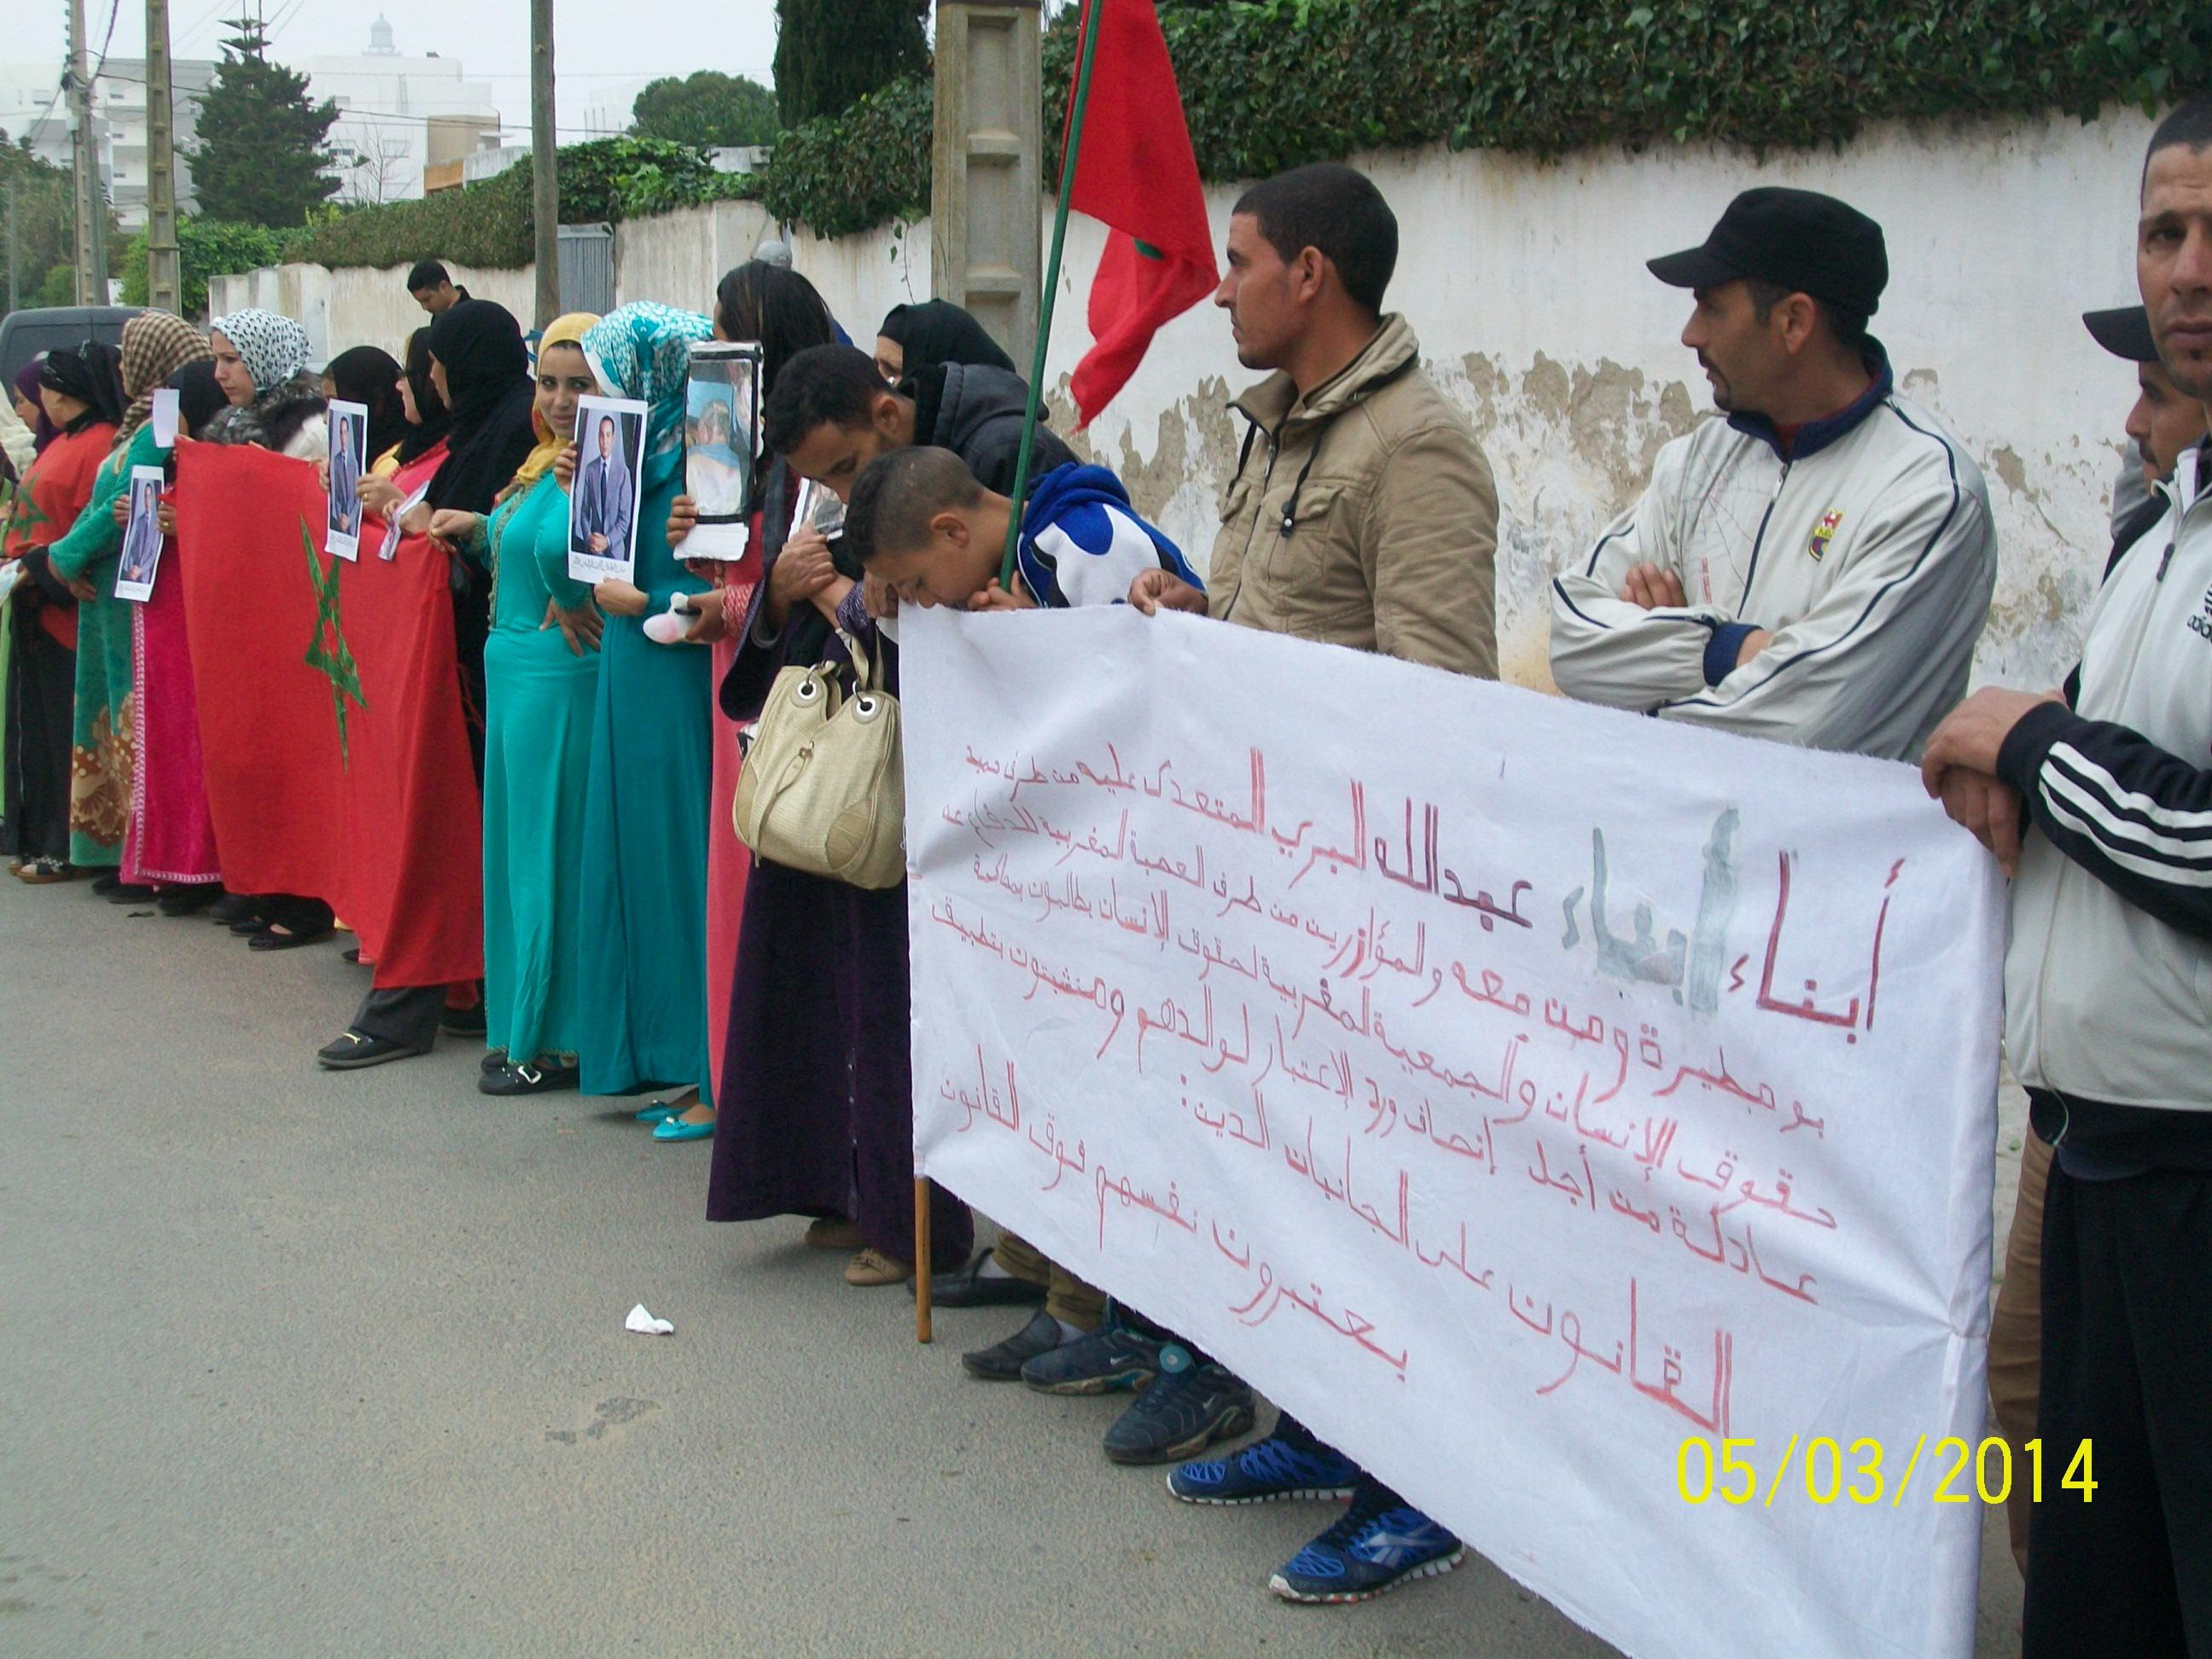 وقفة احتجاجية امام مدخل محكمة الاستئناف بالجديدة.